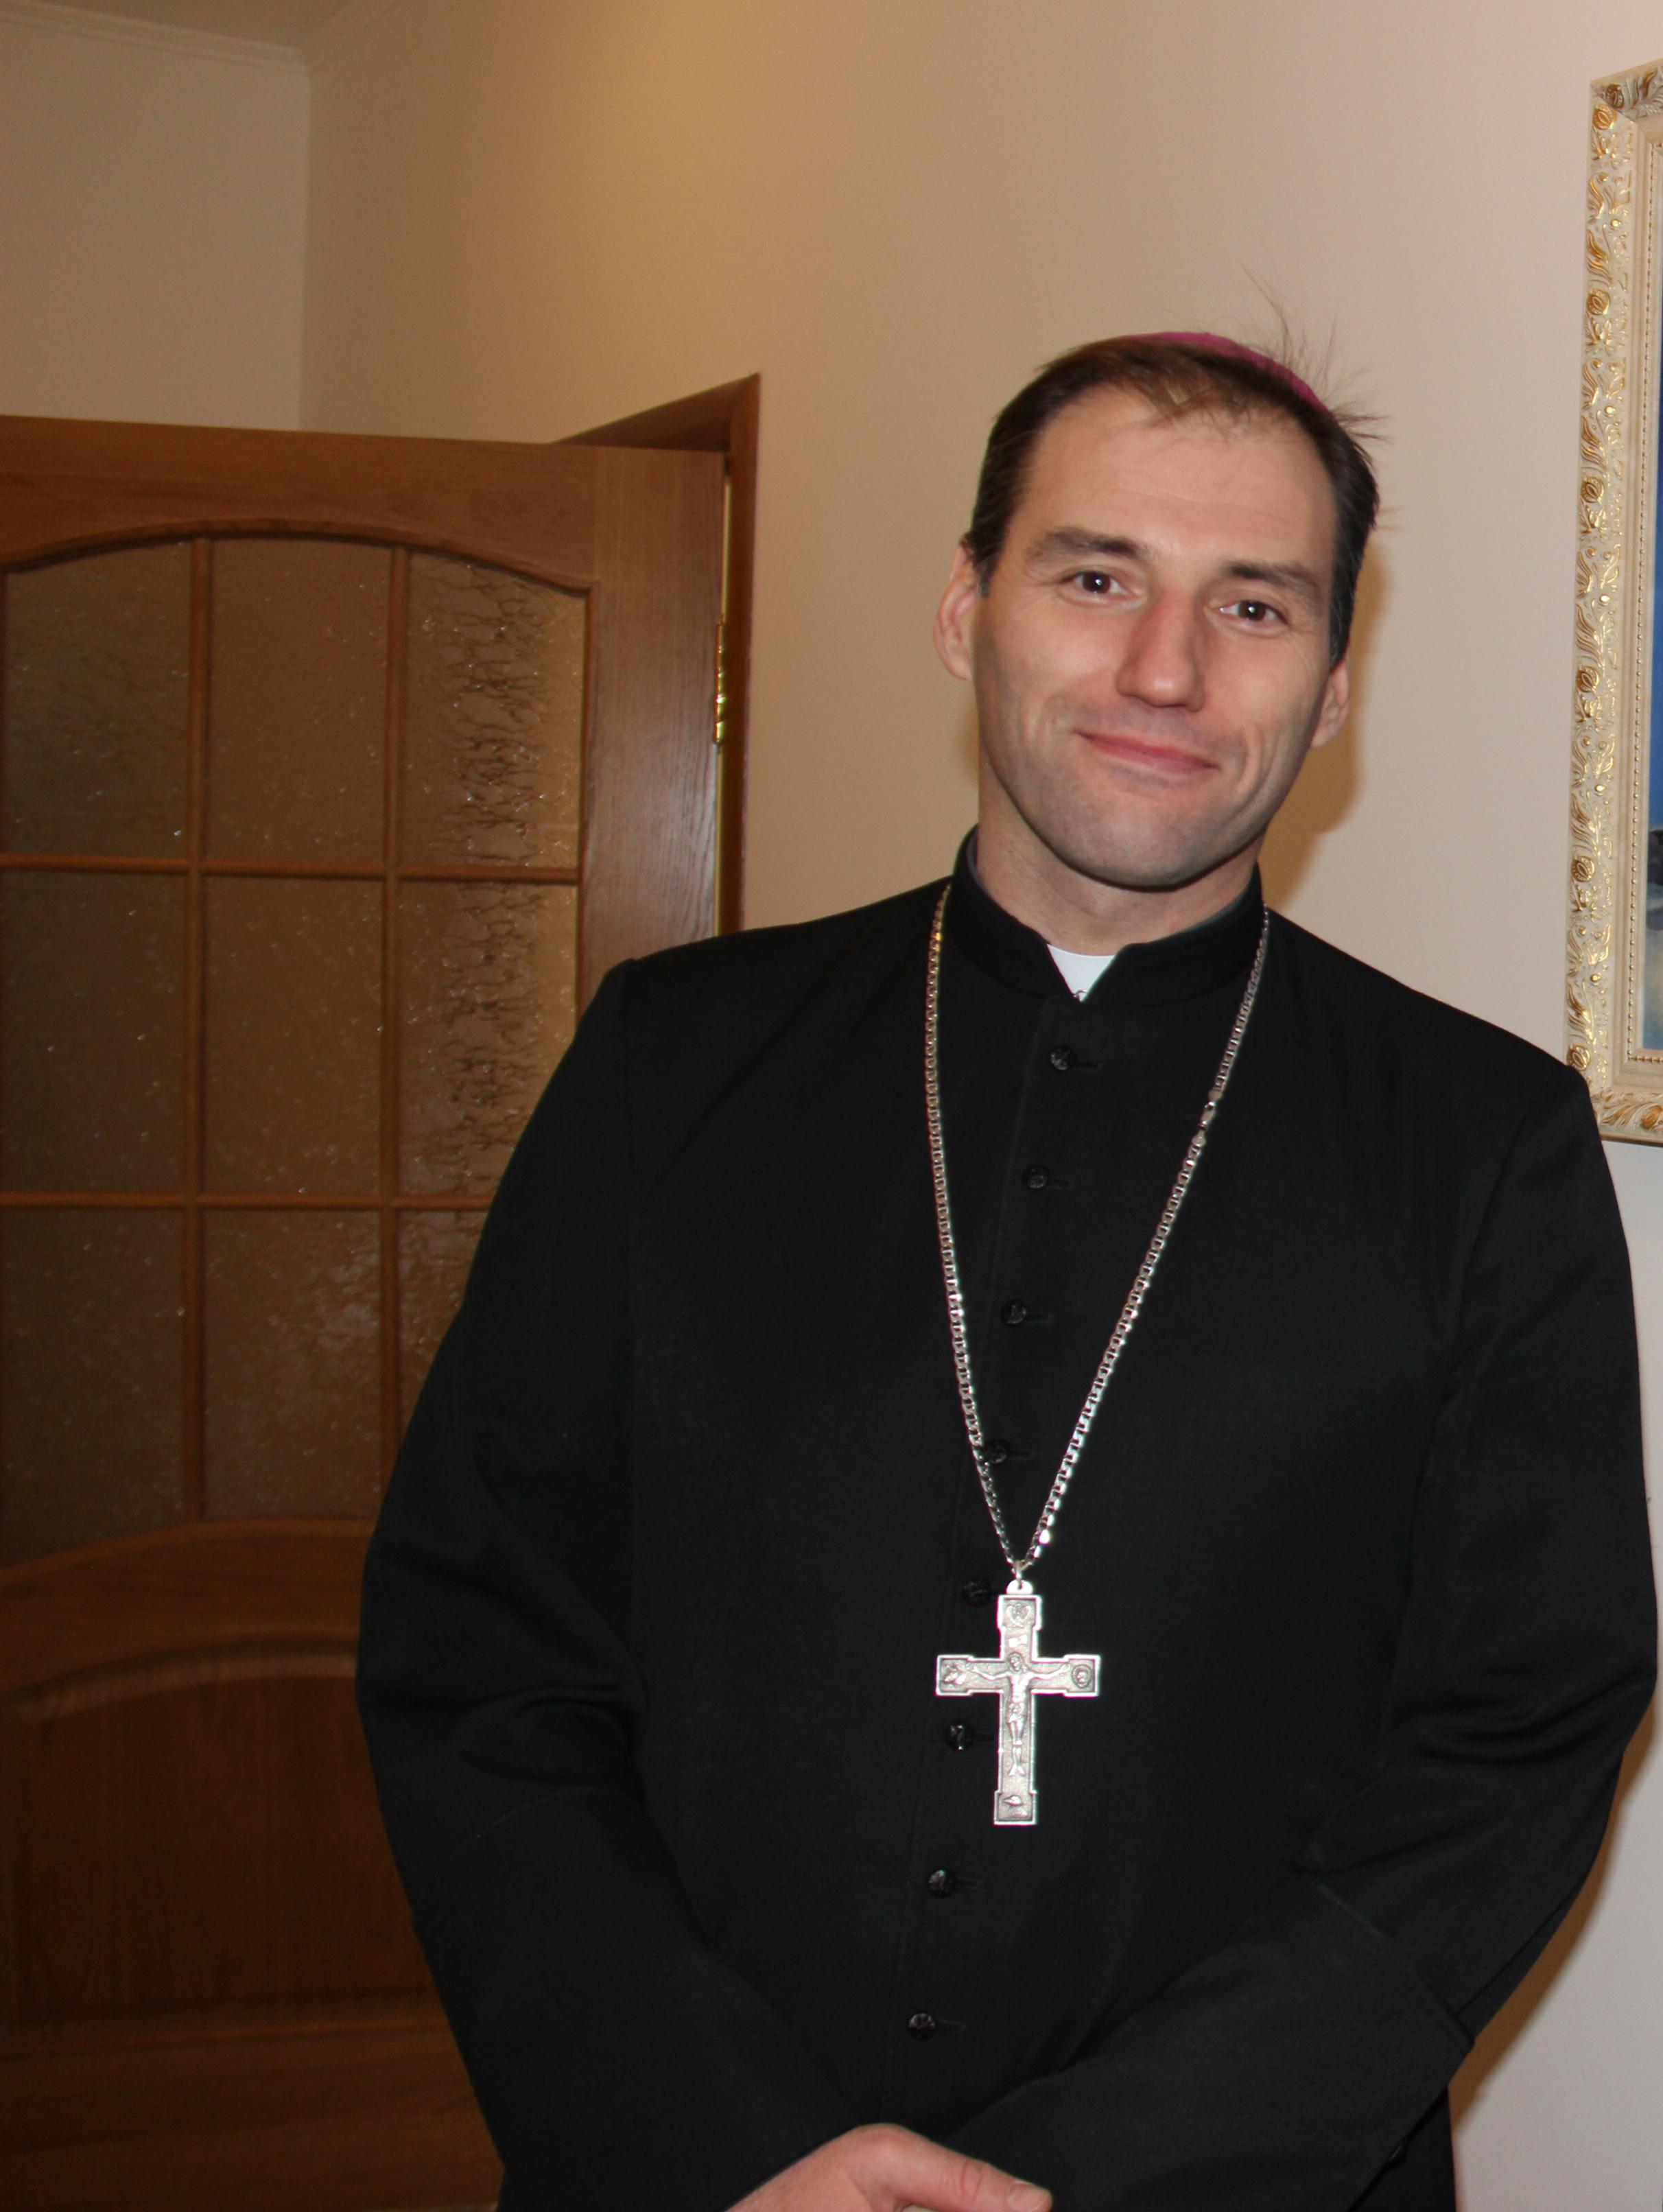 Bielorrusia: La Iglesia no debe permanecer indiferente ante la violencia y las sanciones